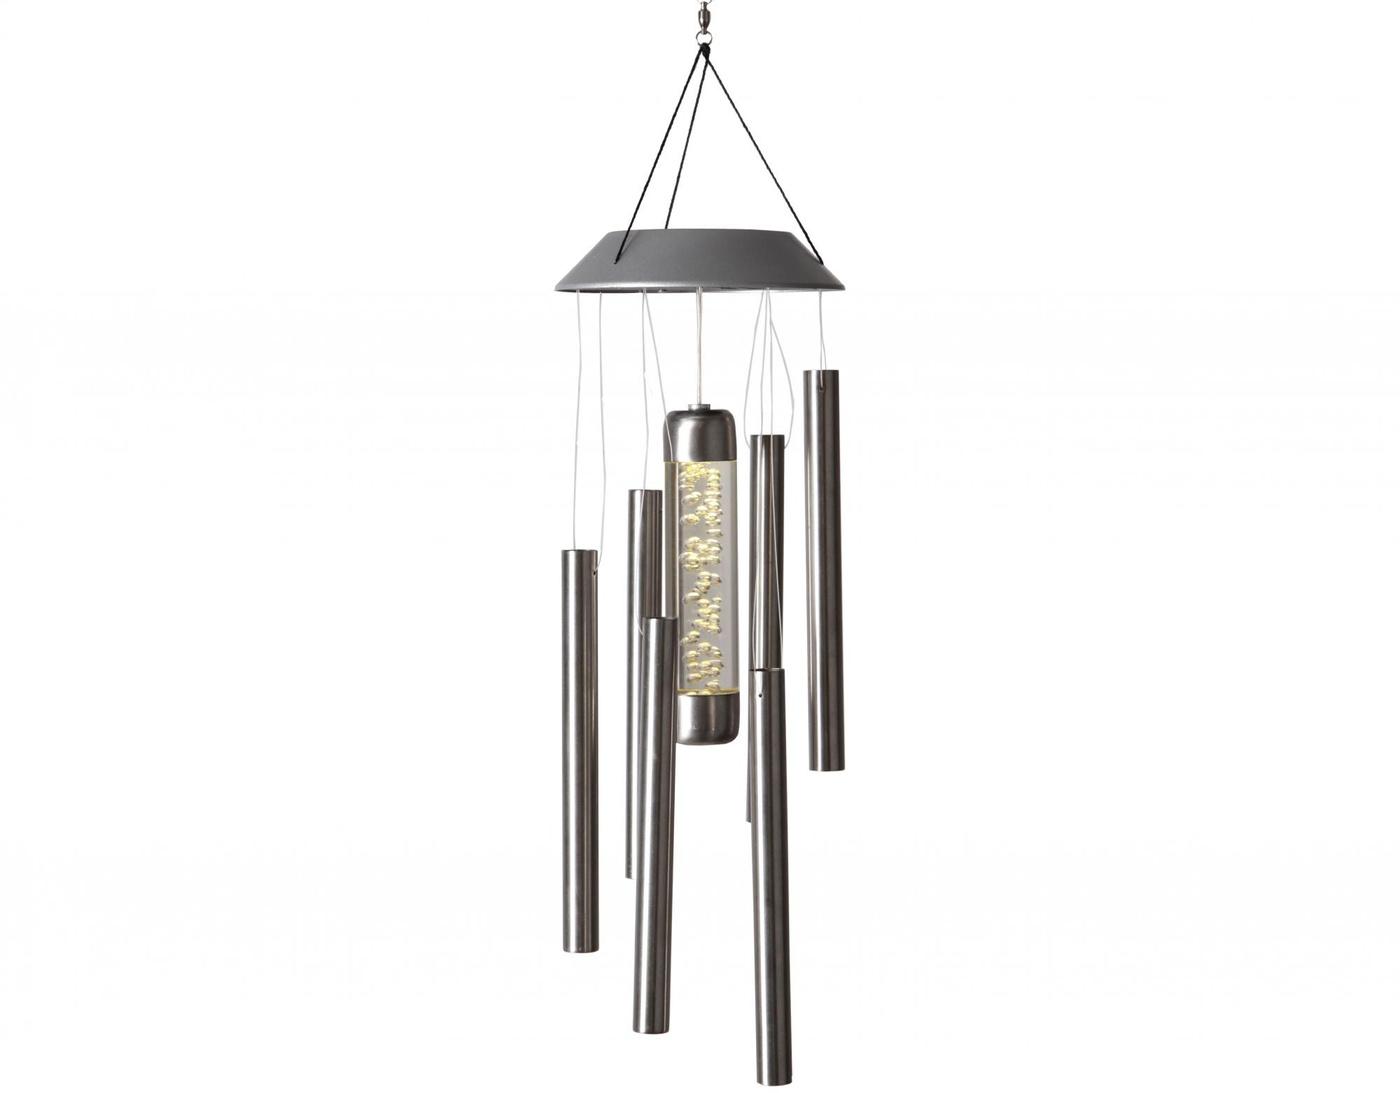 Lampa solarna z dzwonkami wietrznymi Chime